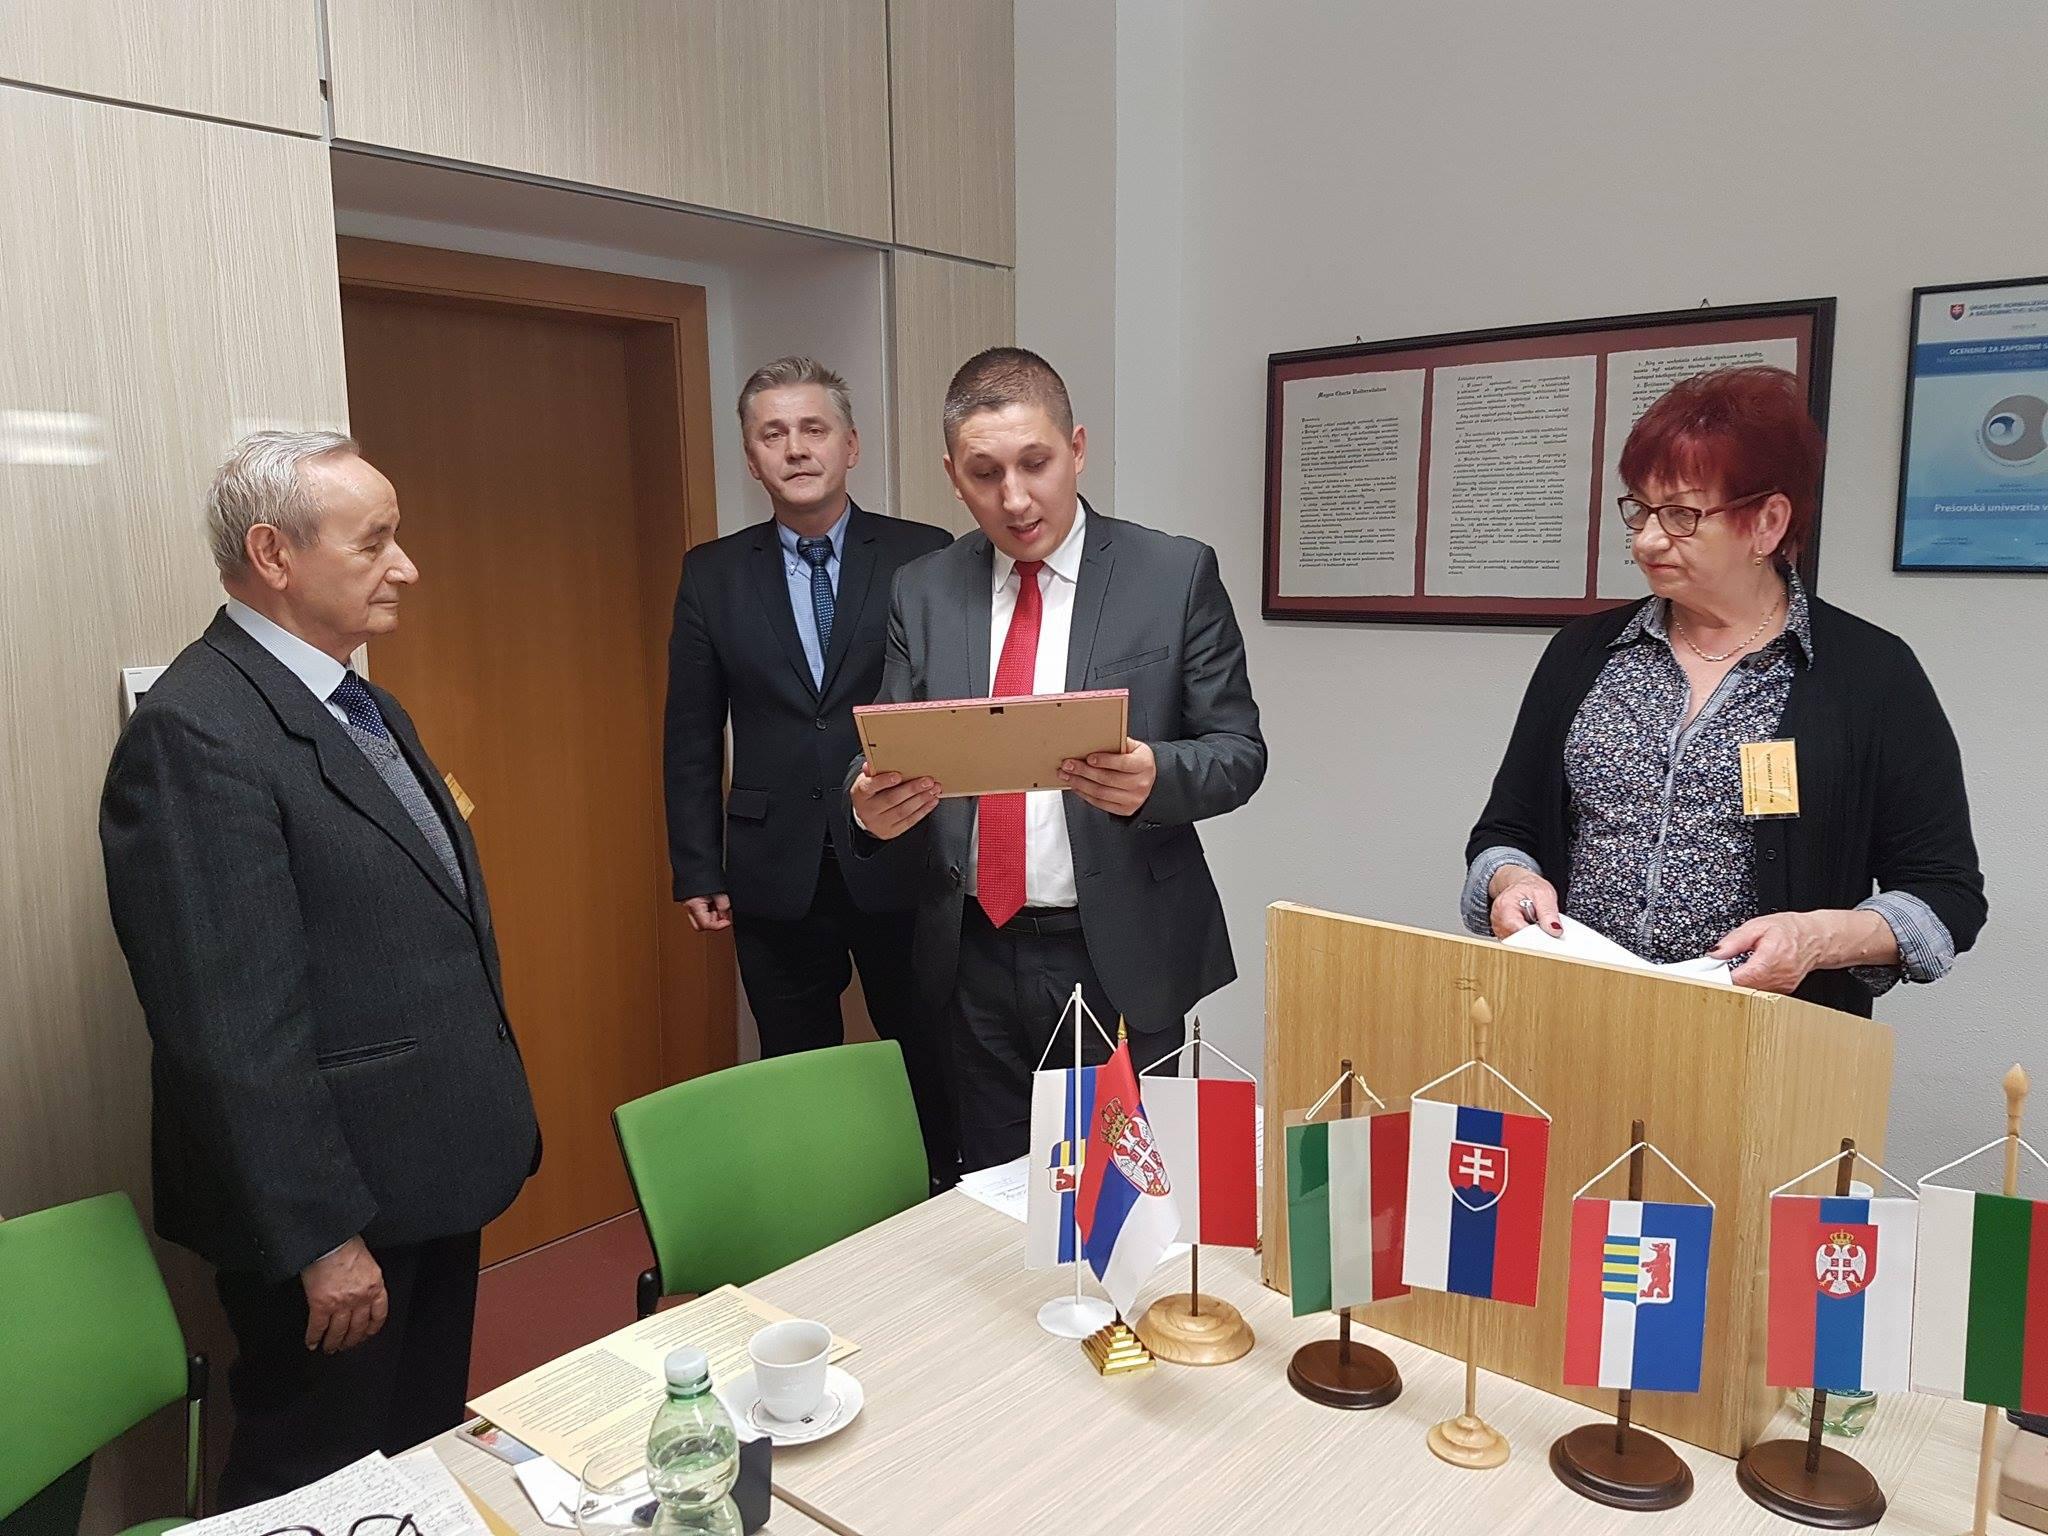 konferencyja_2016-11-03_prjasiv_2